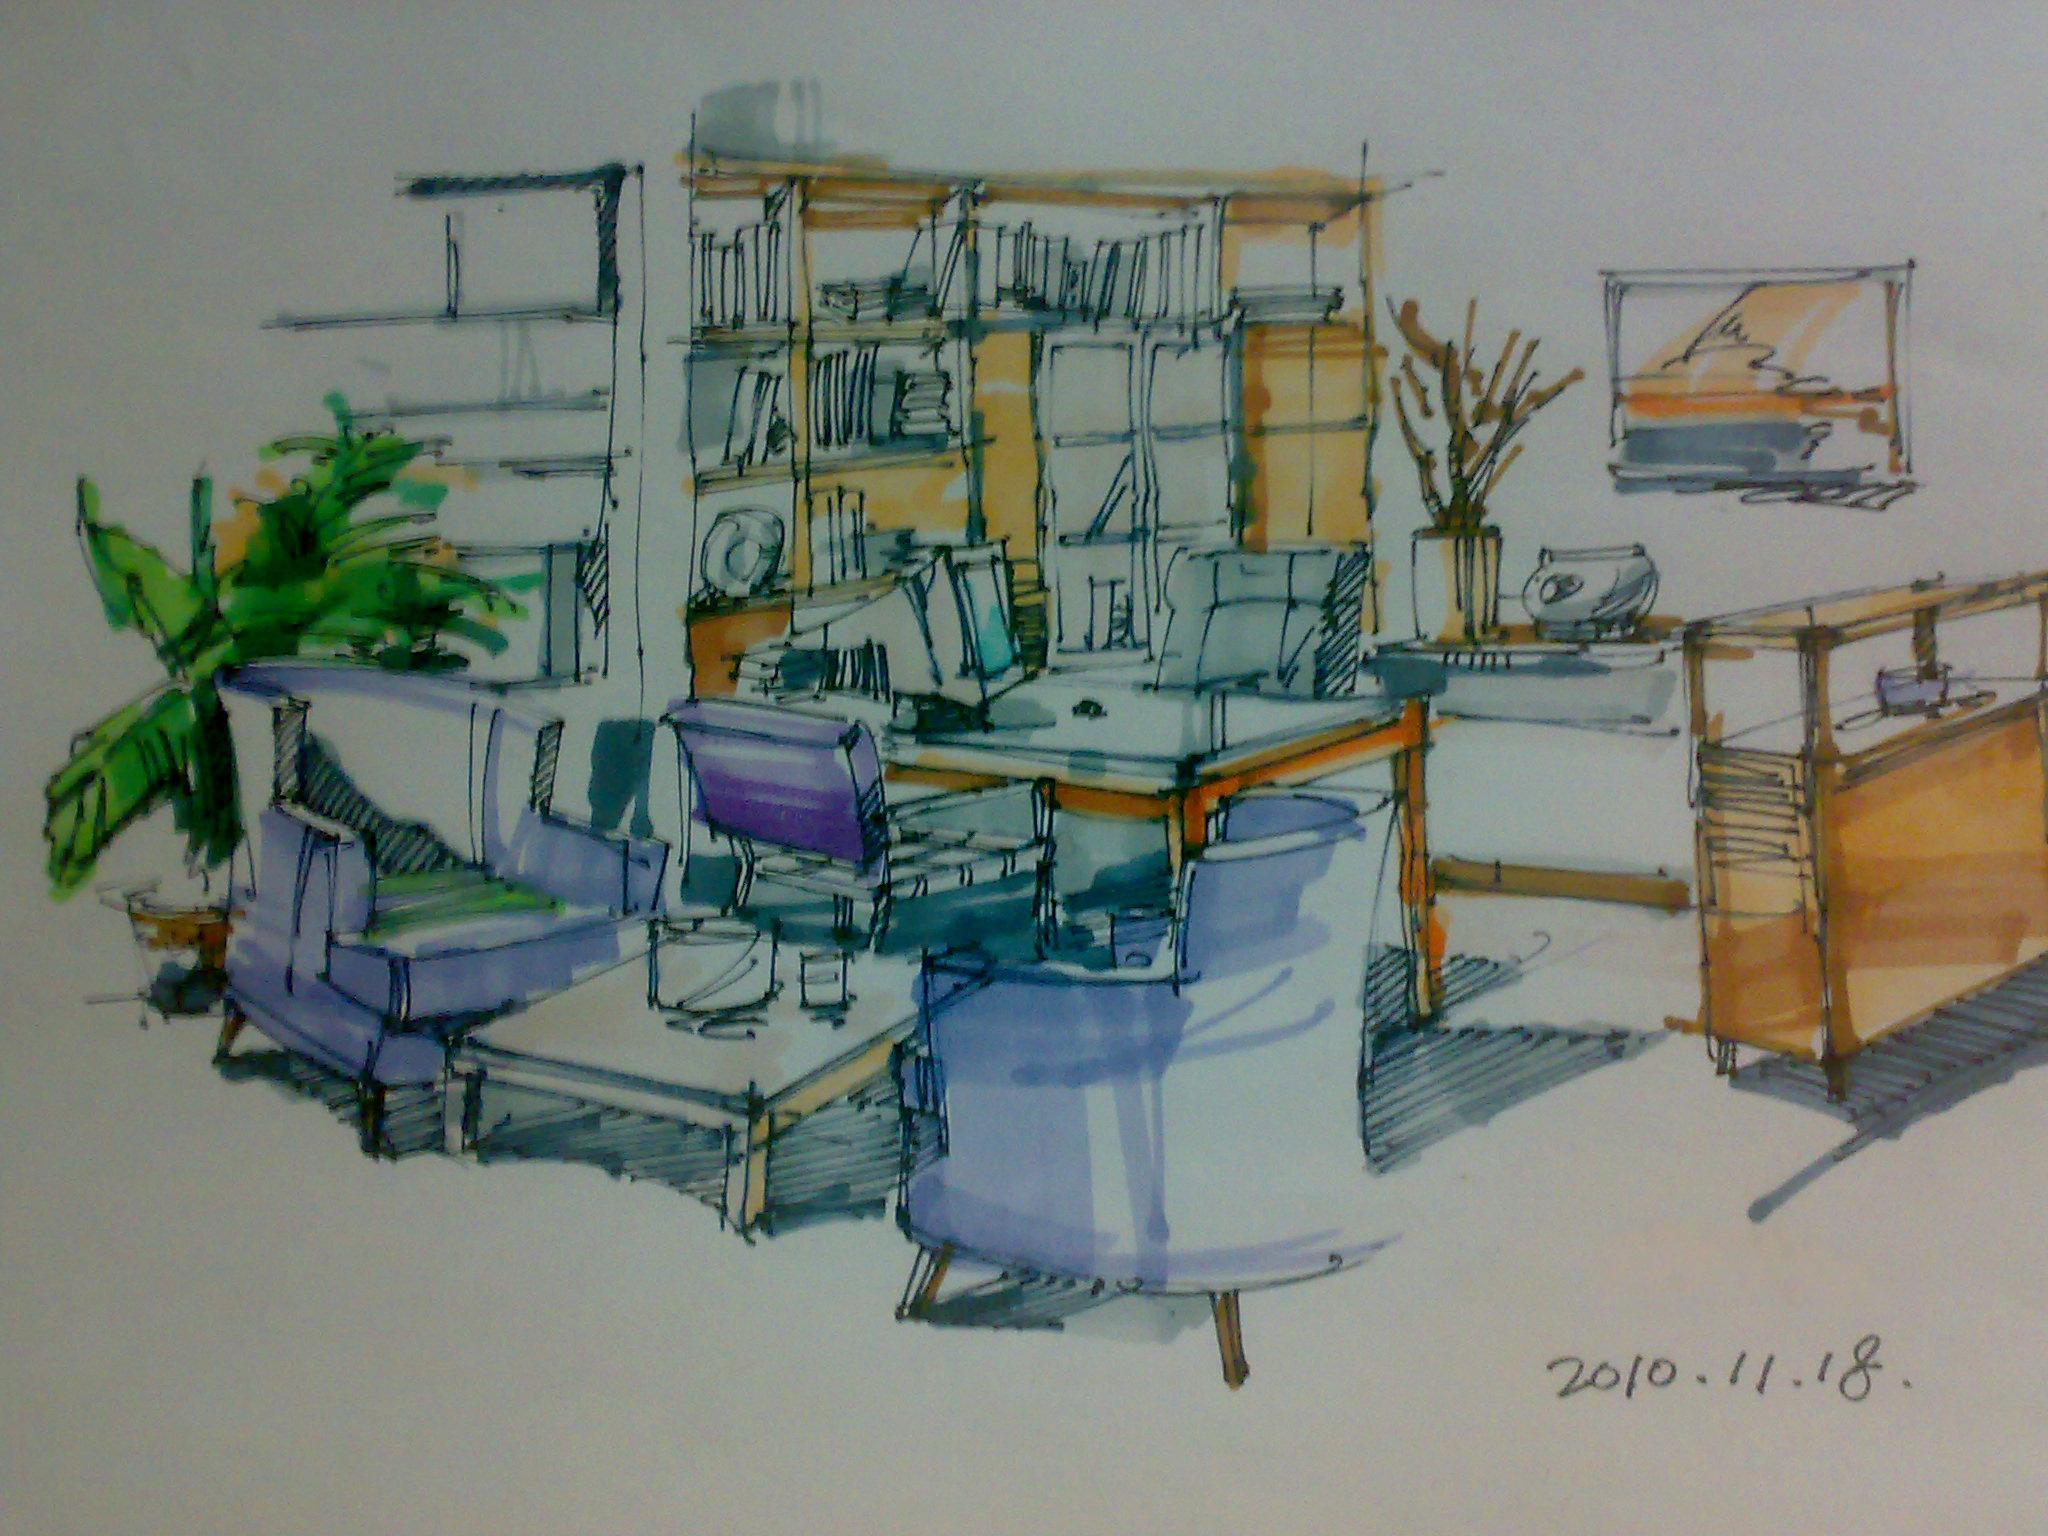 室内手绘效果图|插画|商业插画|半透明的鱼 - 原创